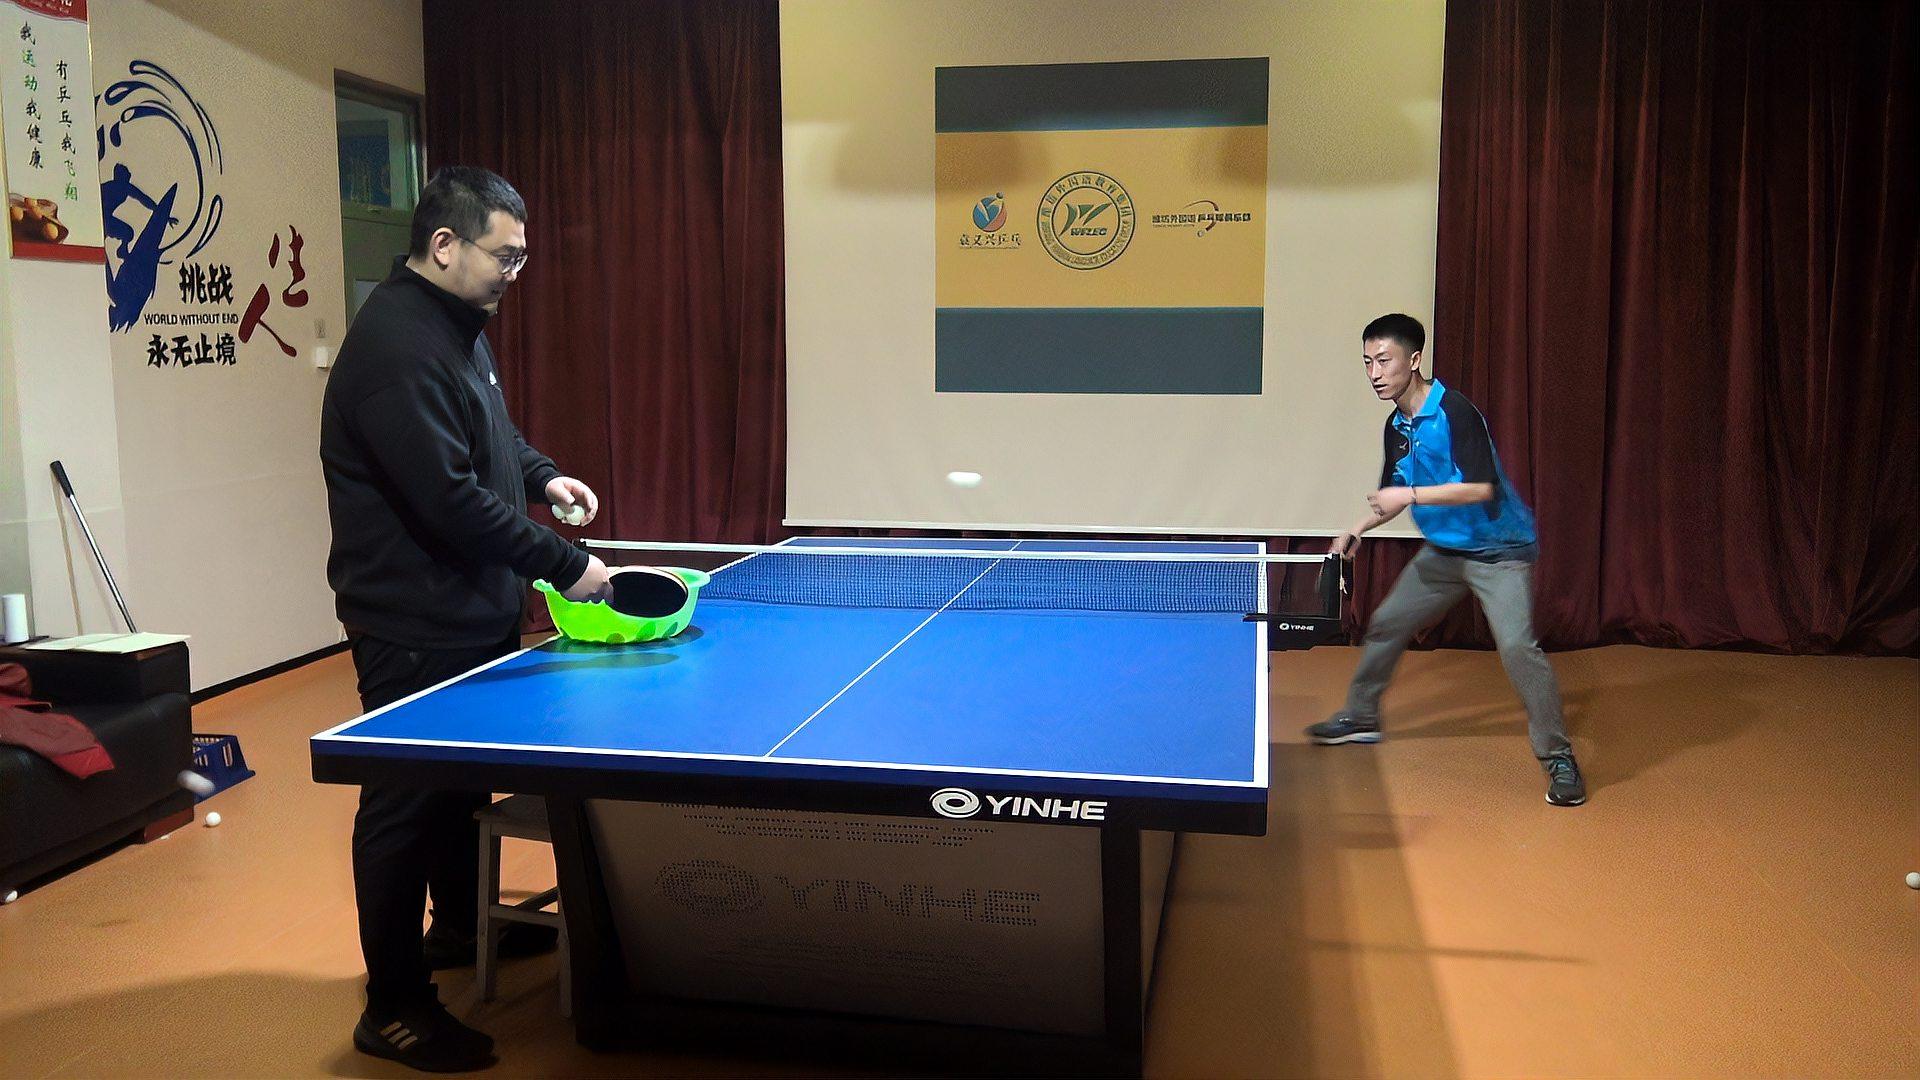 乒乓球在拉球时采用哪种发力方式比较好?要注意什么?